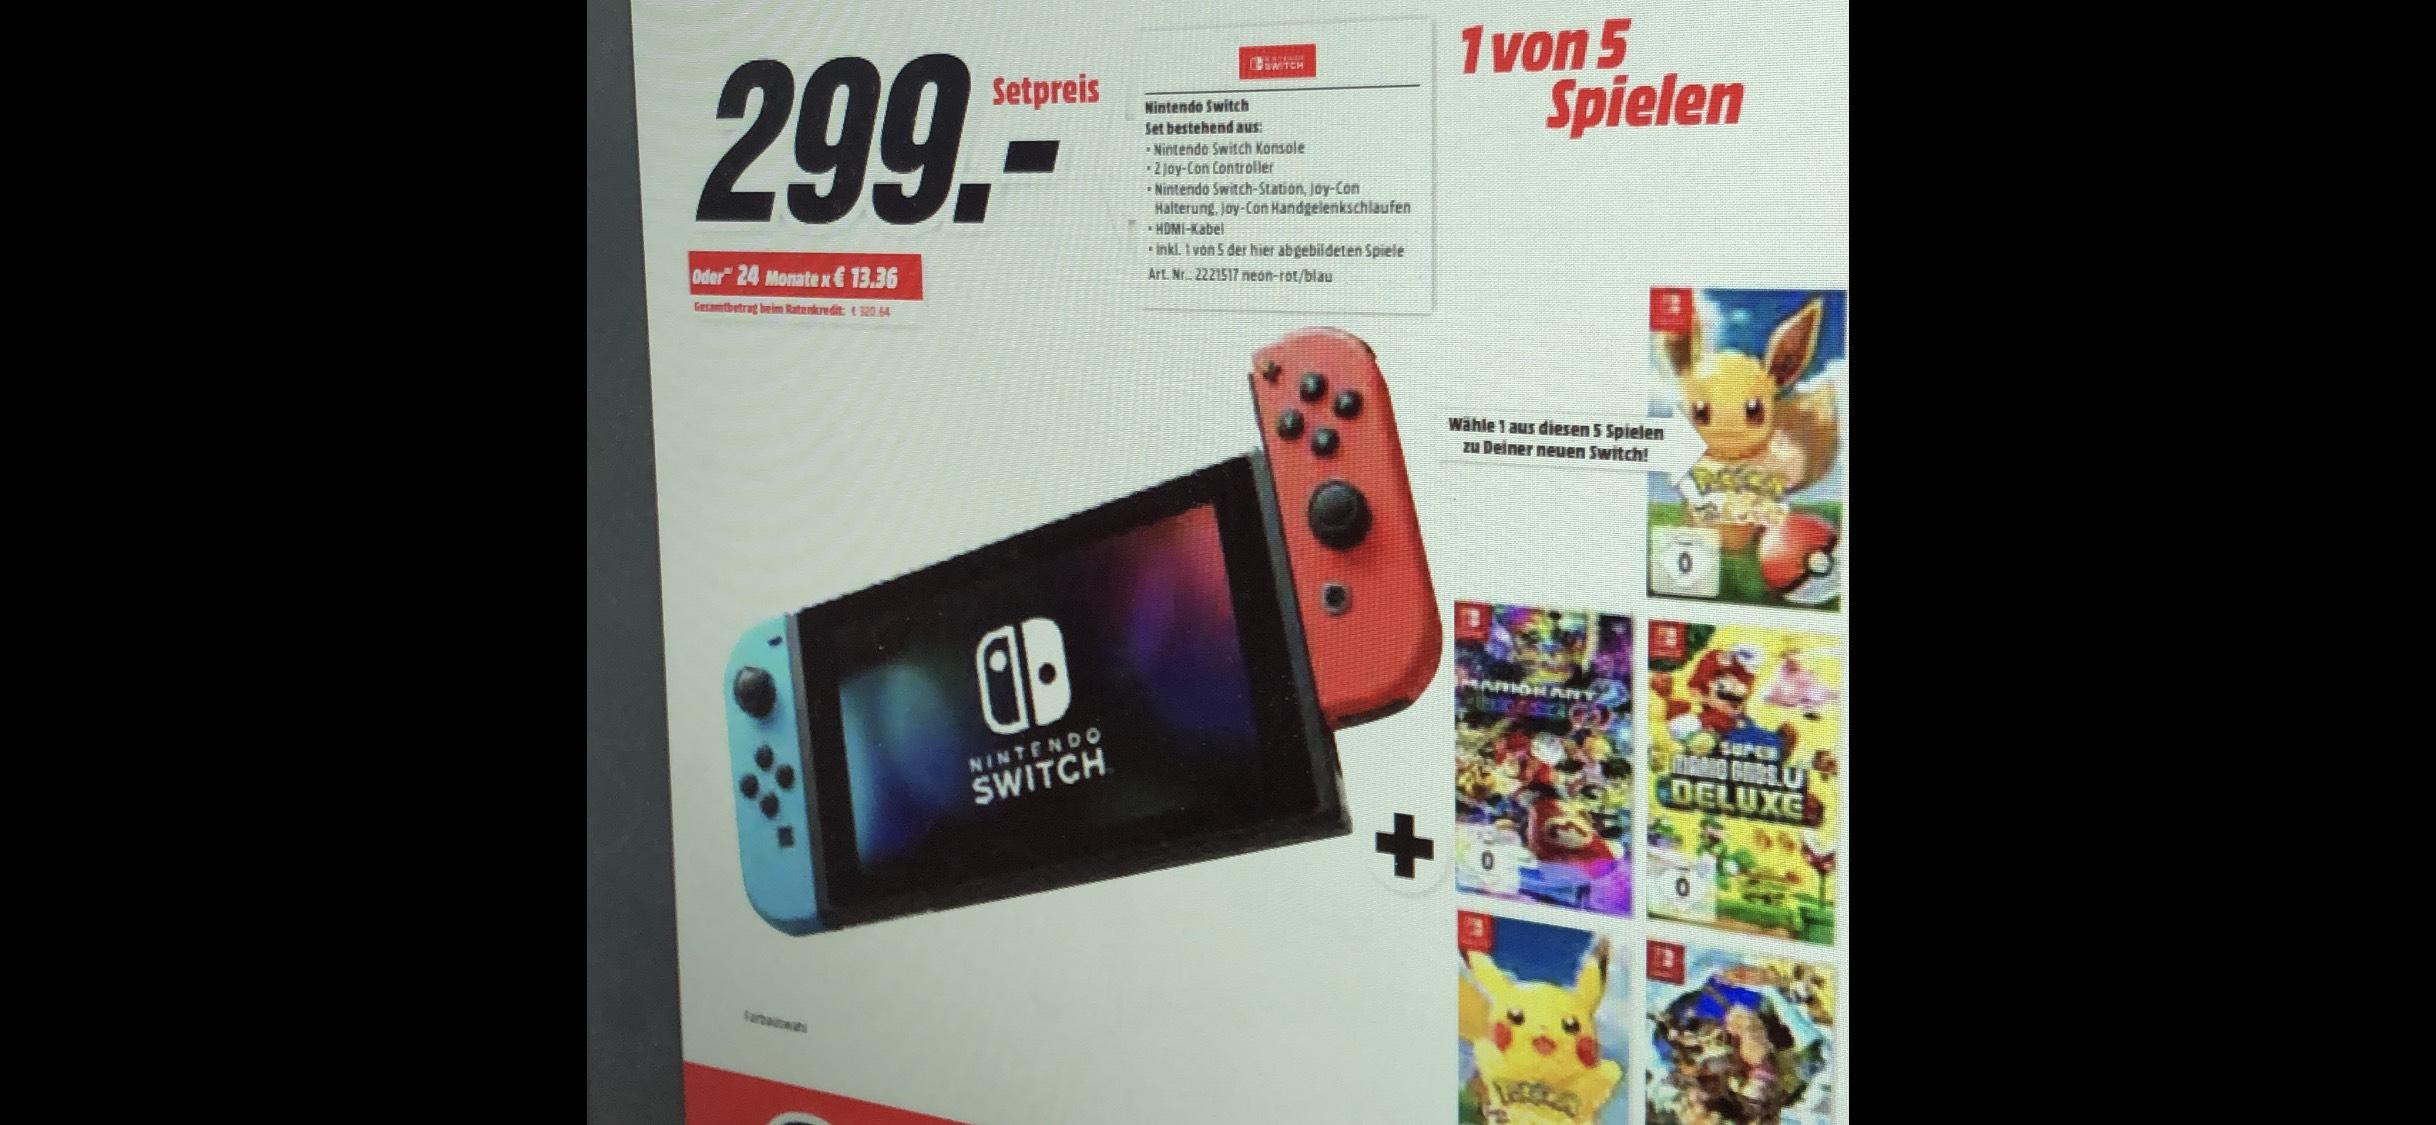 [Vorankündigung] Nintendo Switch + 1 von 5 Spielen für 299€ @Media Markt bundesweit ab 22.05.2019 stationär & online